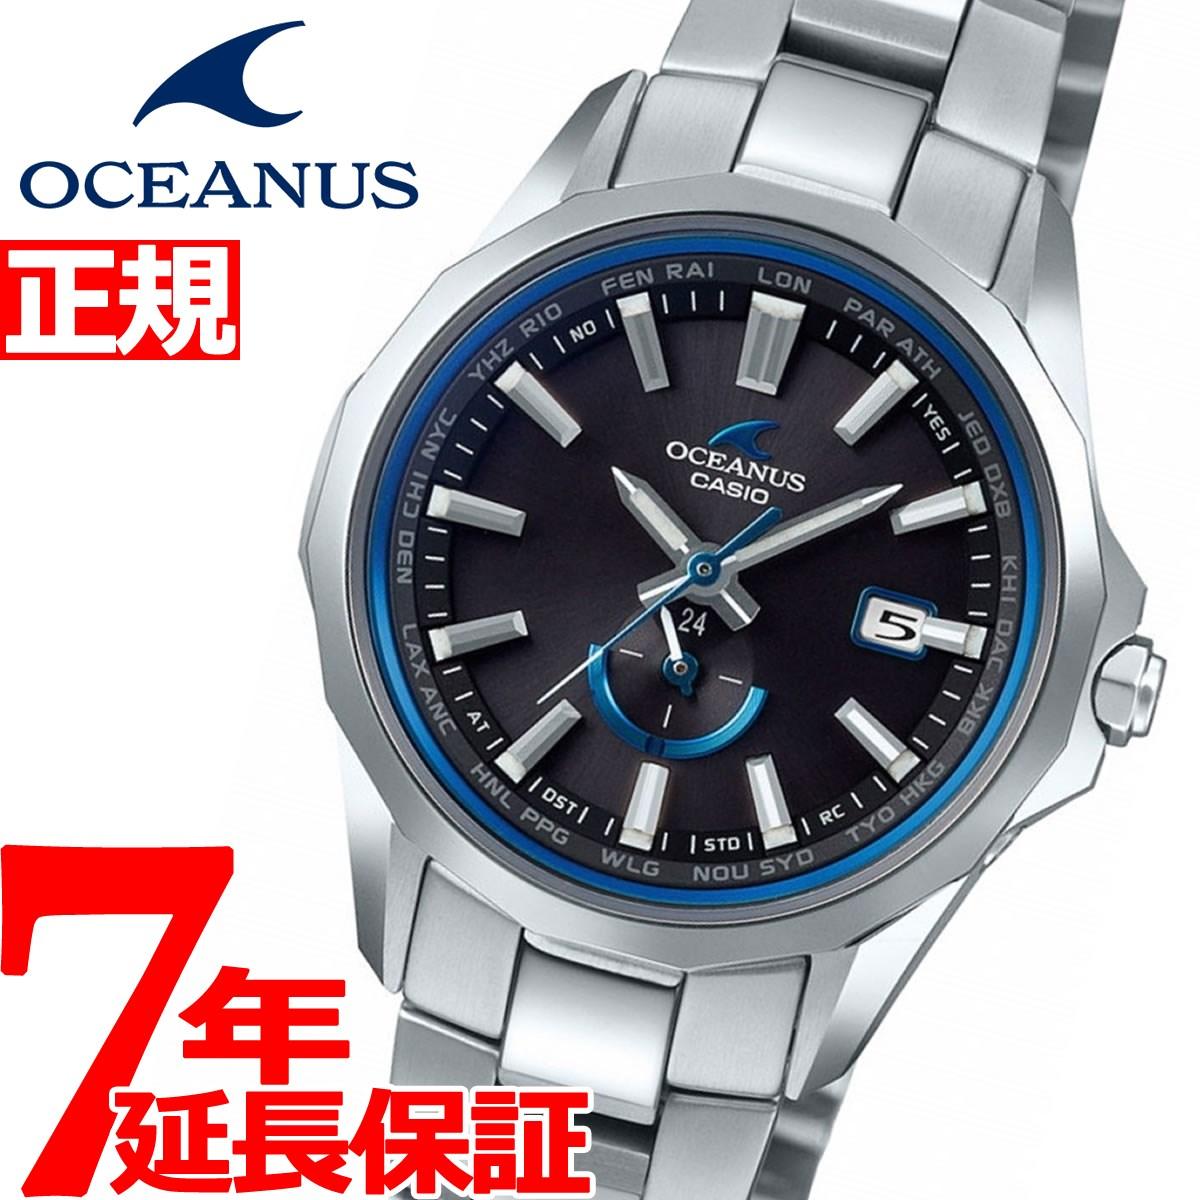 カシオ オシアナス マンタ CASIO OCEANUS Manta 電波 ソーラー 腕時計 レディース アナログ タフソーラー OCW-S350-1AJF【2018 新作】